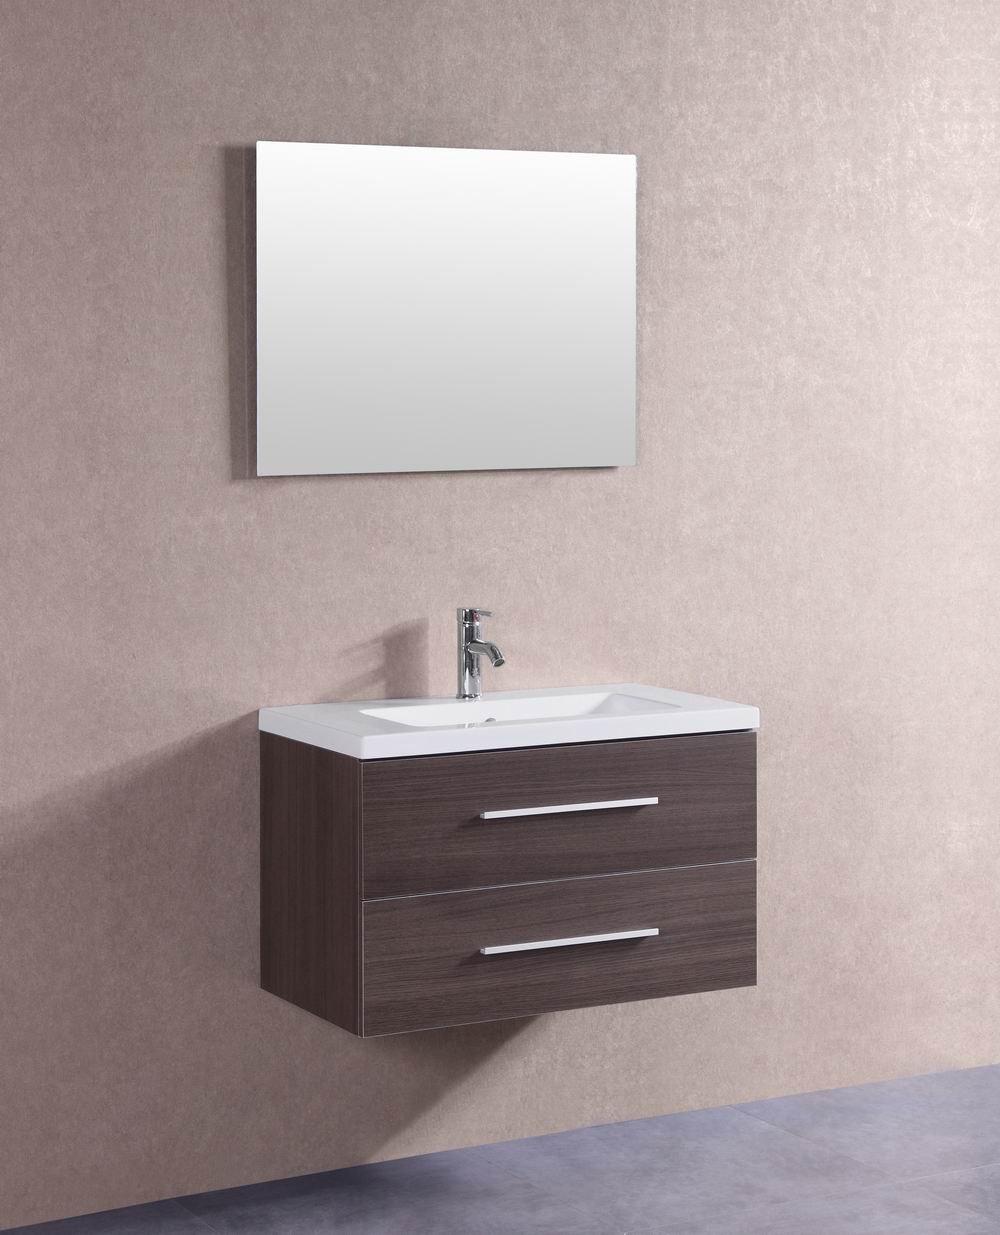 belvedere designs t9019a v modern floating veneer bathroom vanity